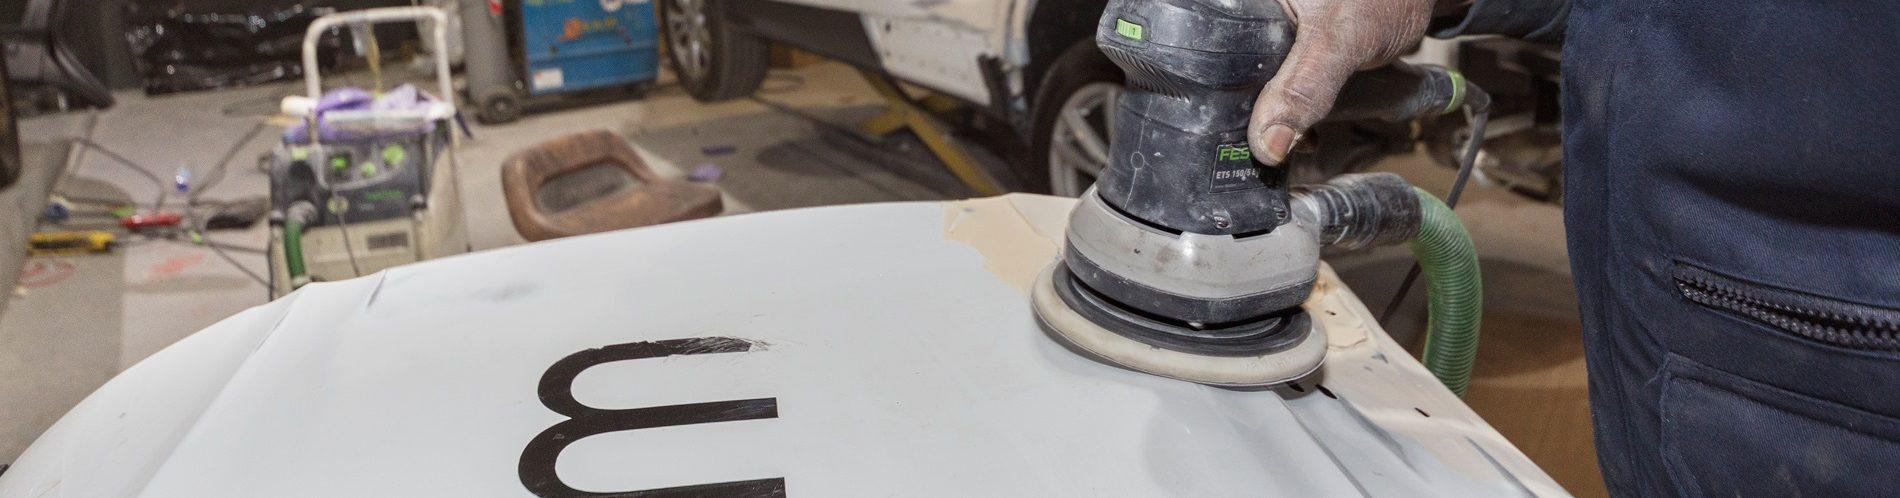 Servicios de reparación de chapa y pintura en Mallorca - Multixapa